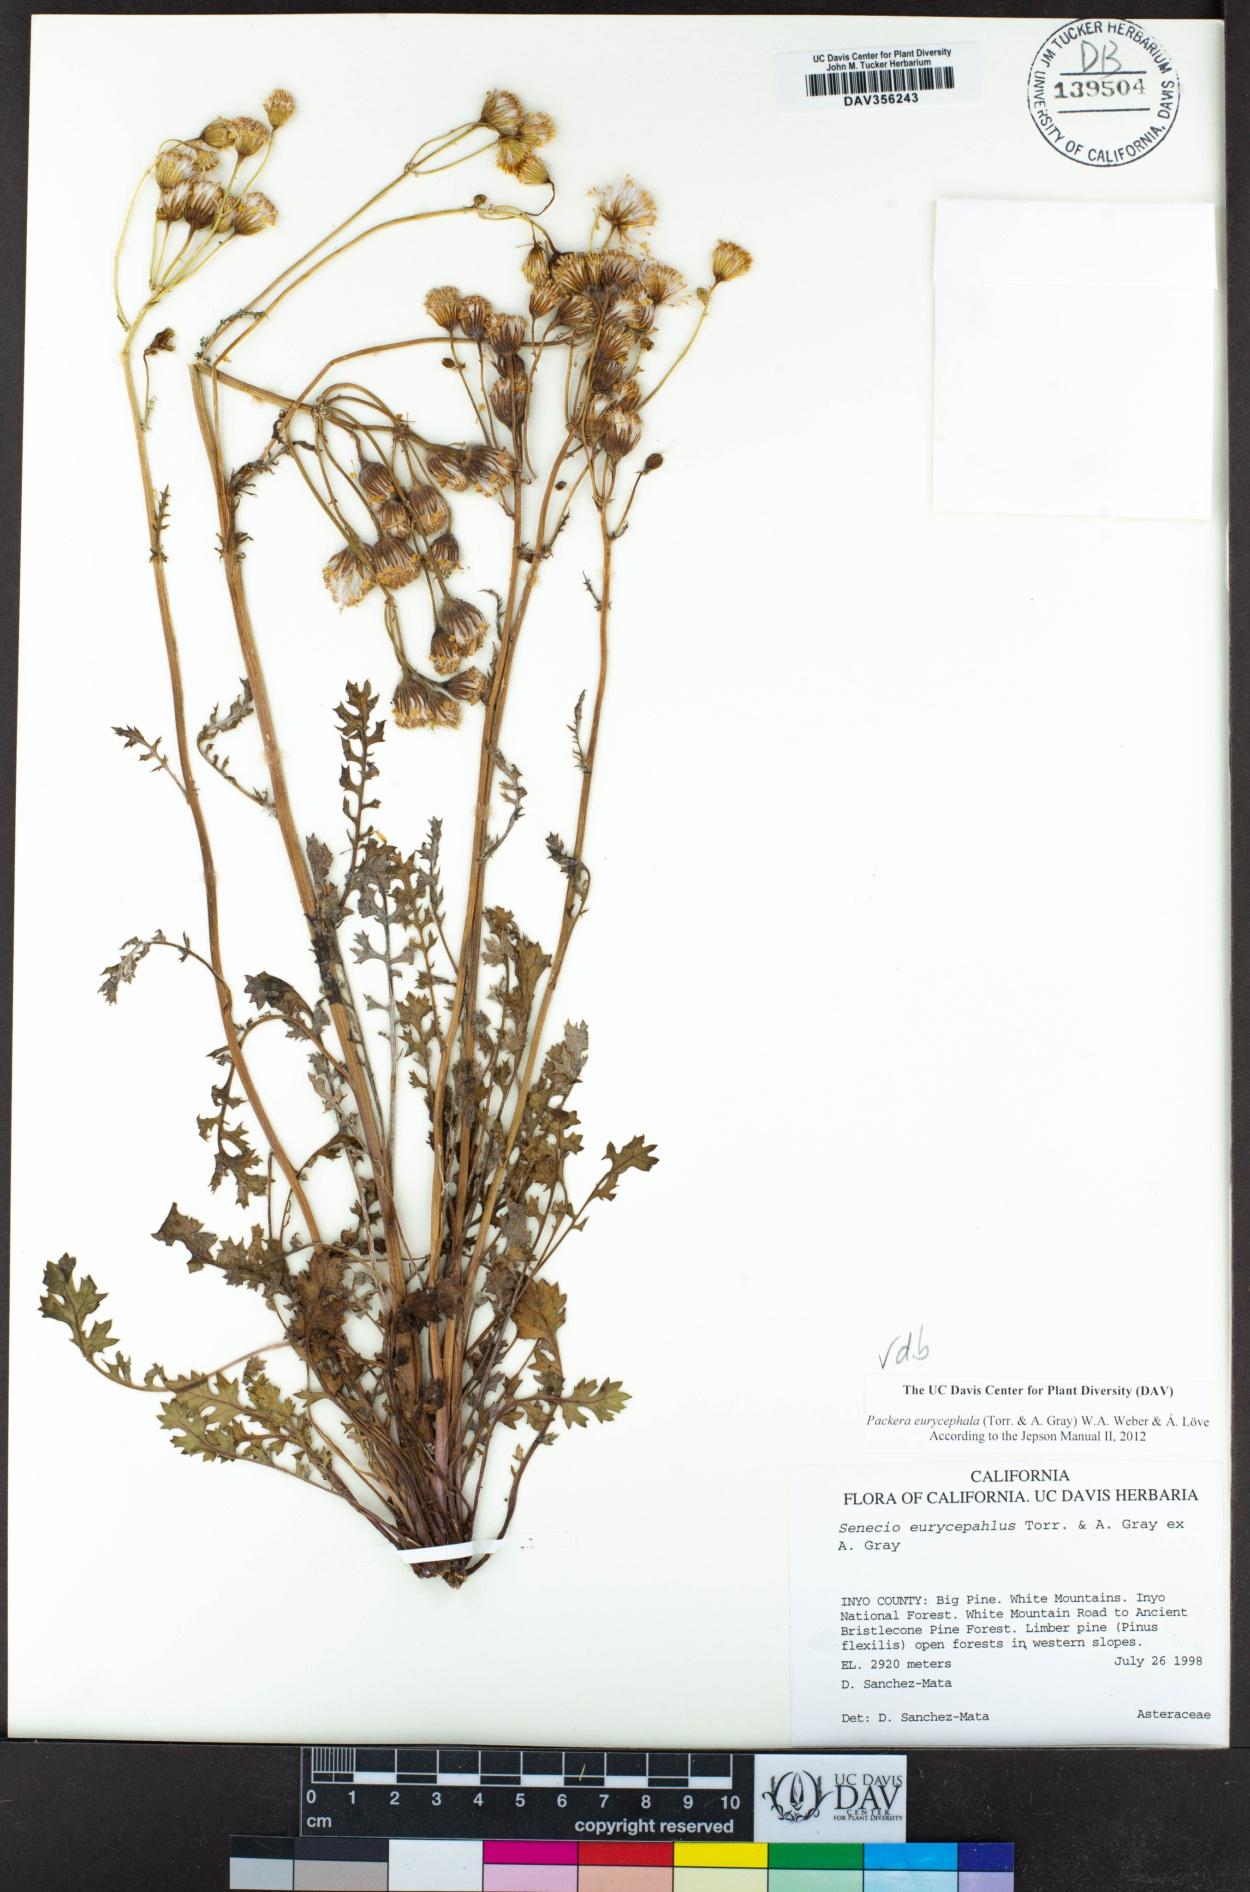 Packera eurycephala image